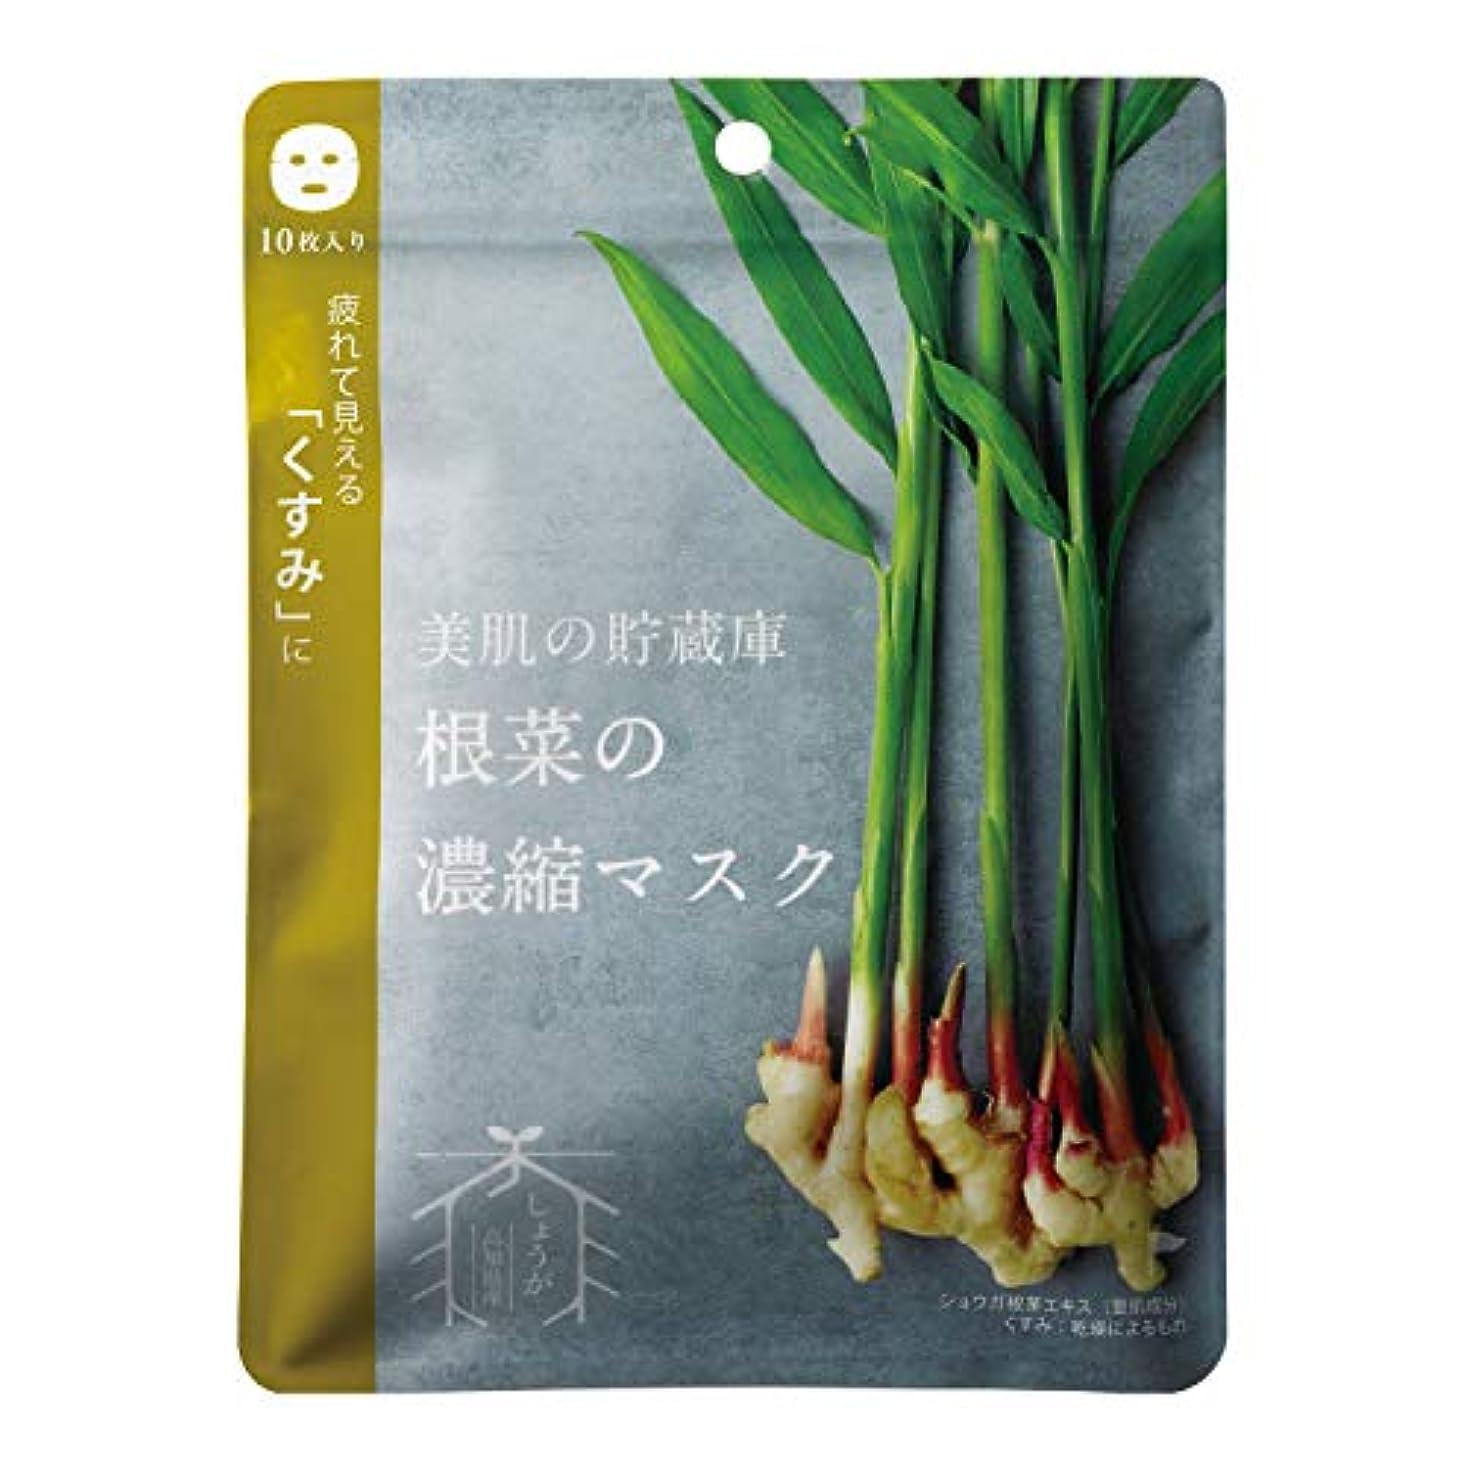 セクタ操作可能かもしれない@cosme nippon 美肌の貯蔵庫 根菜の濃縮マスク 土佐一しょうが 10枚 160ml